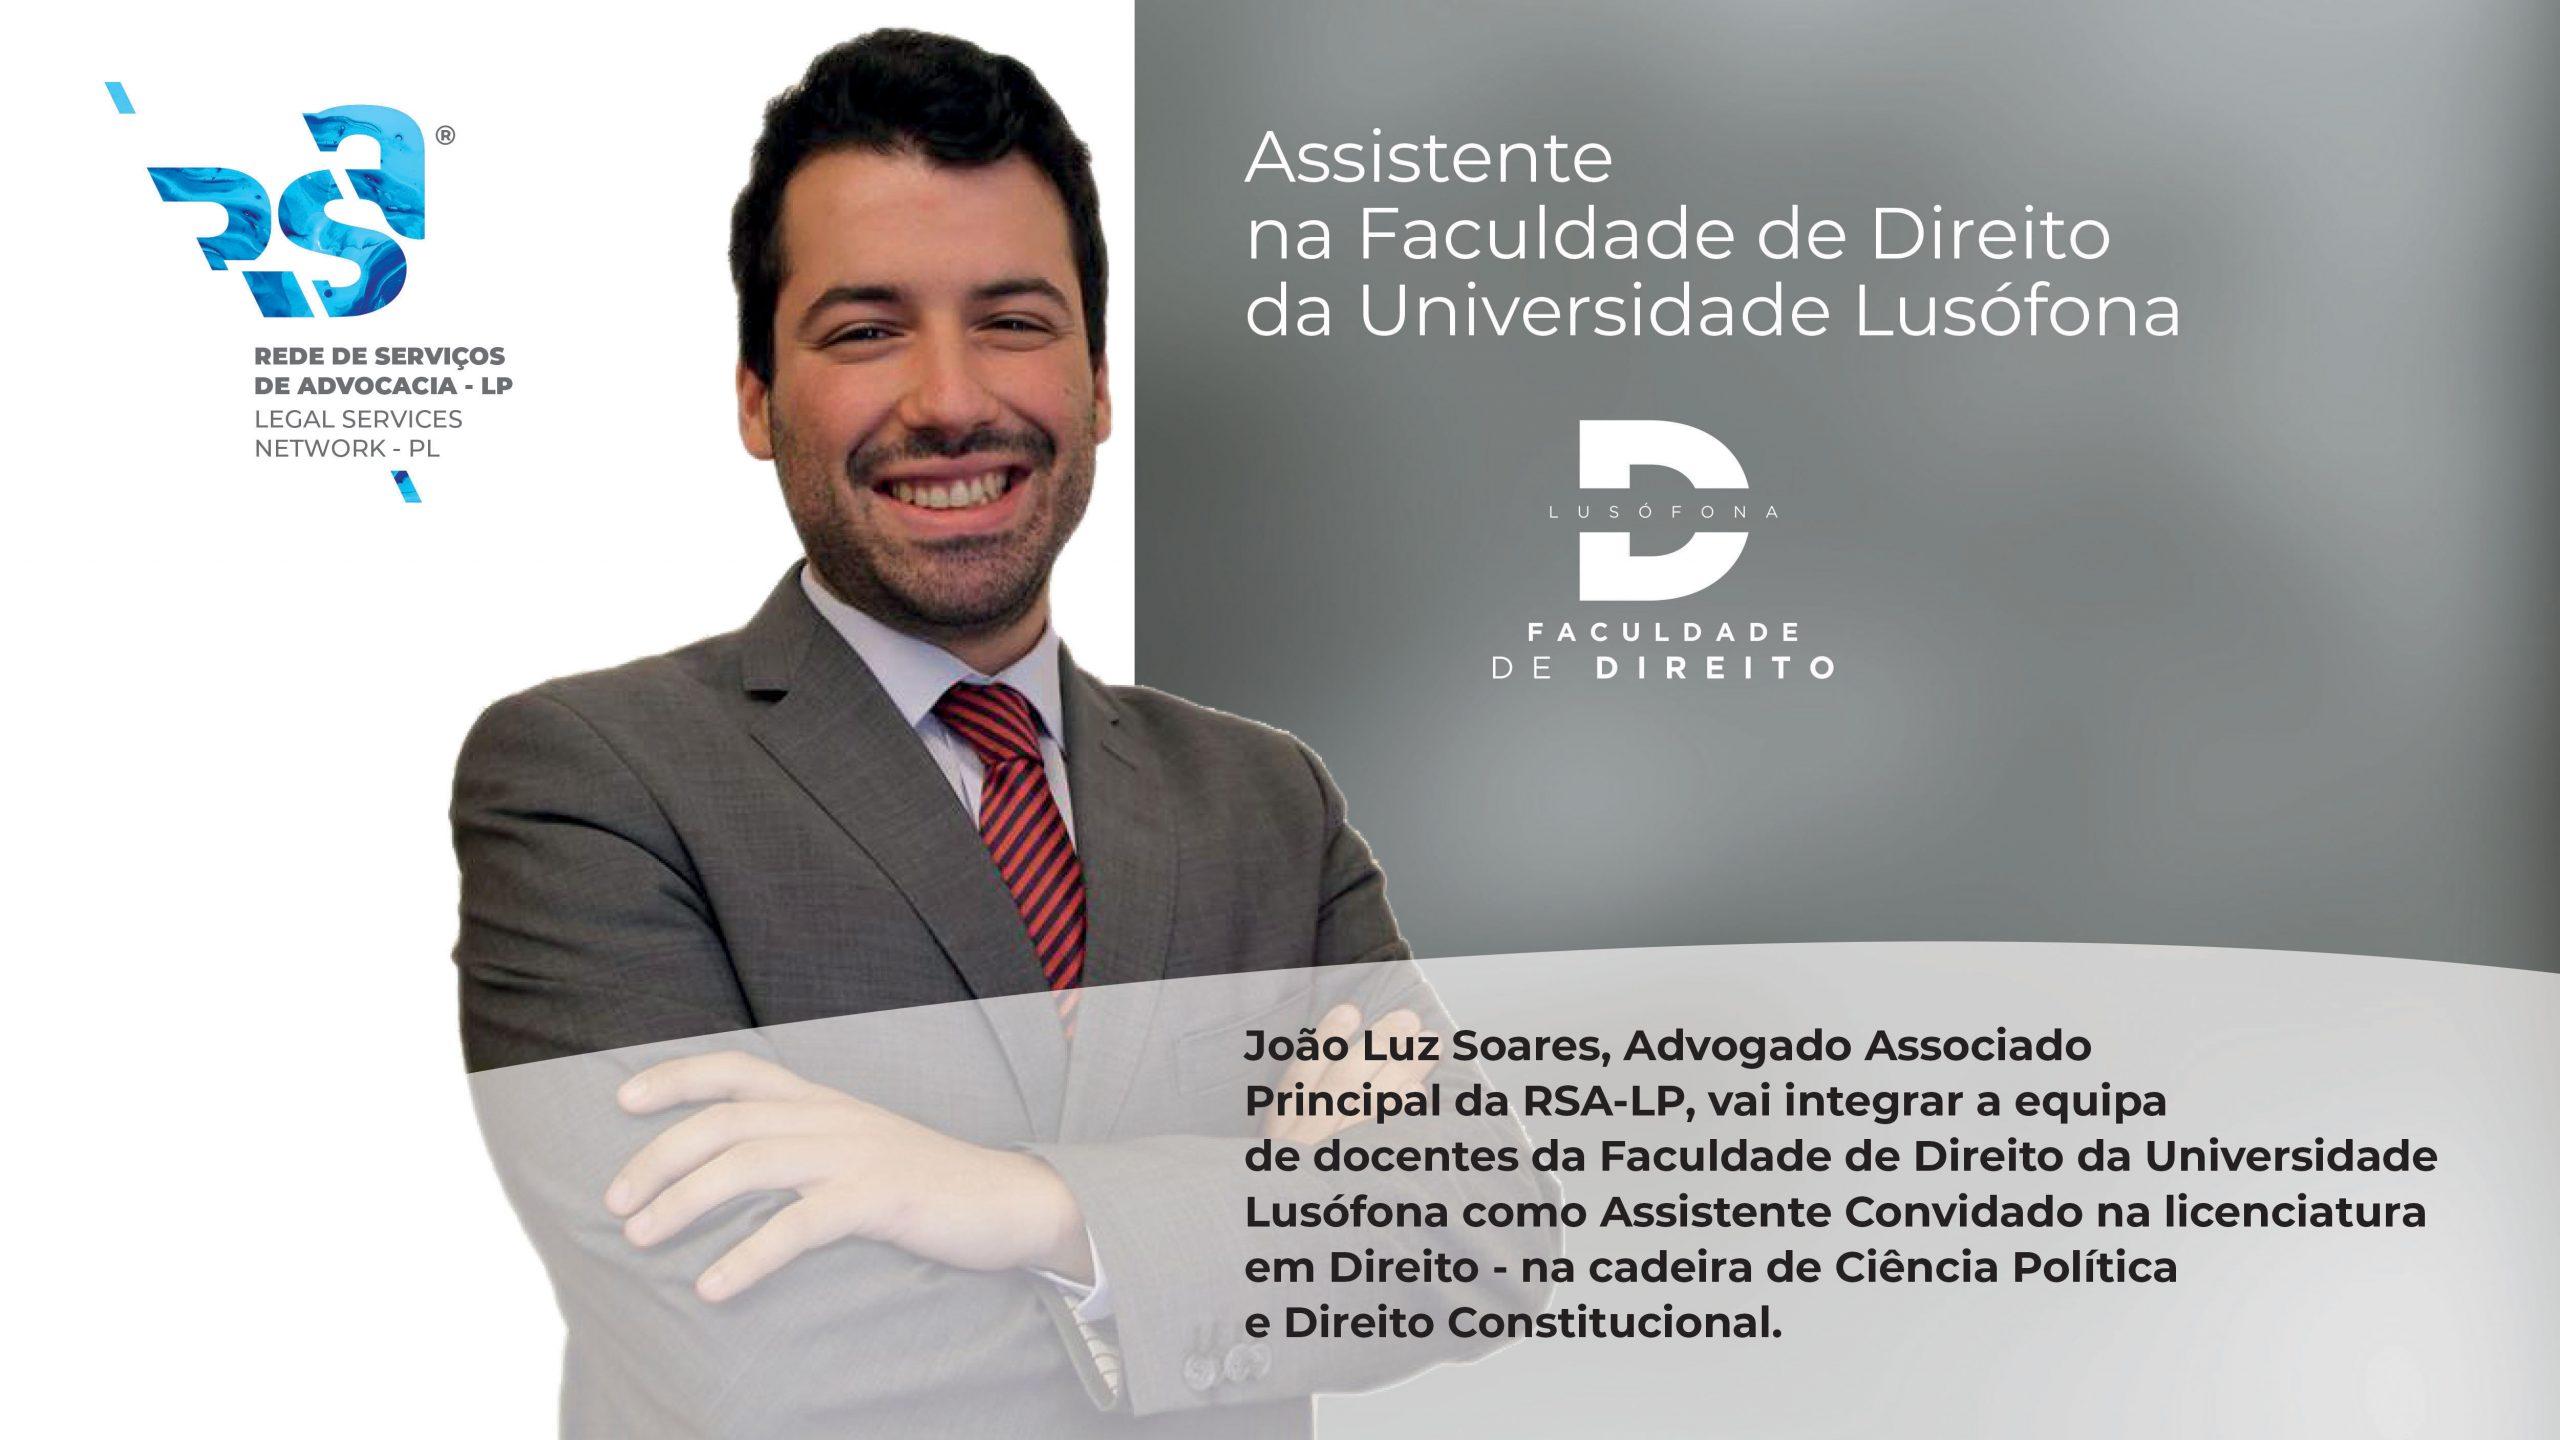 João Luz Soares Assistente na Faculdade de Direito da Universidade Lusófona